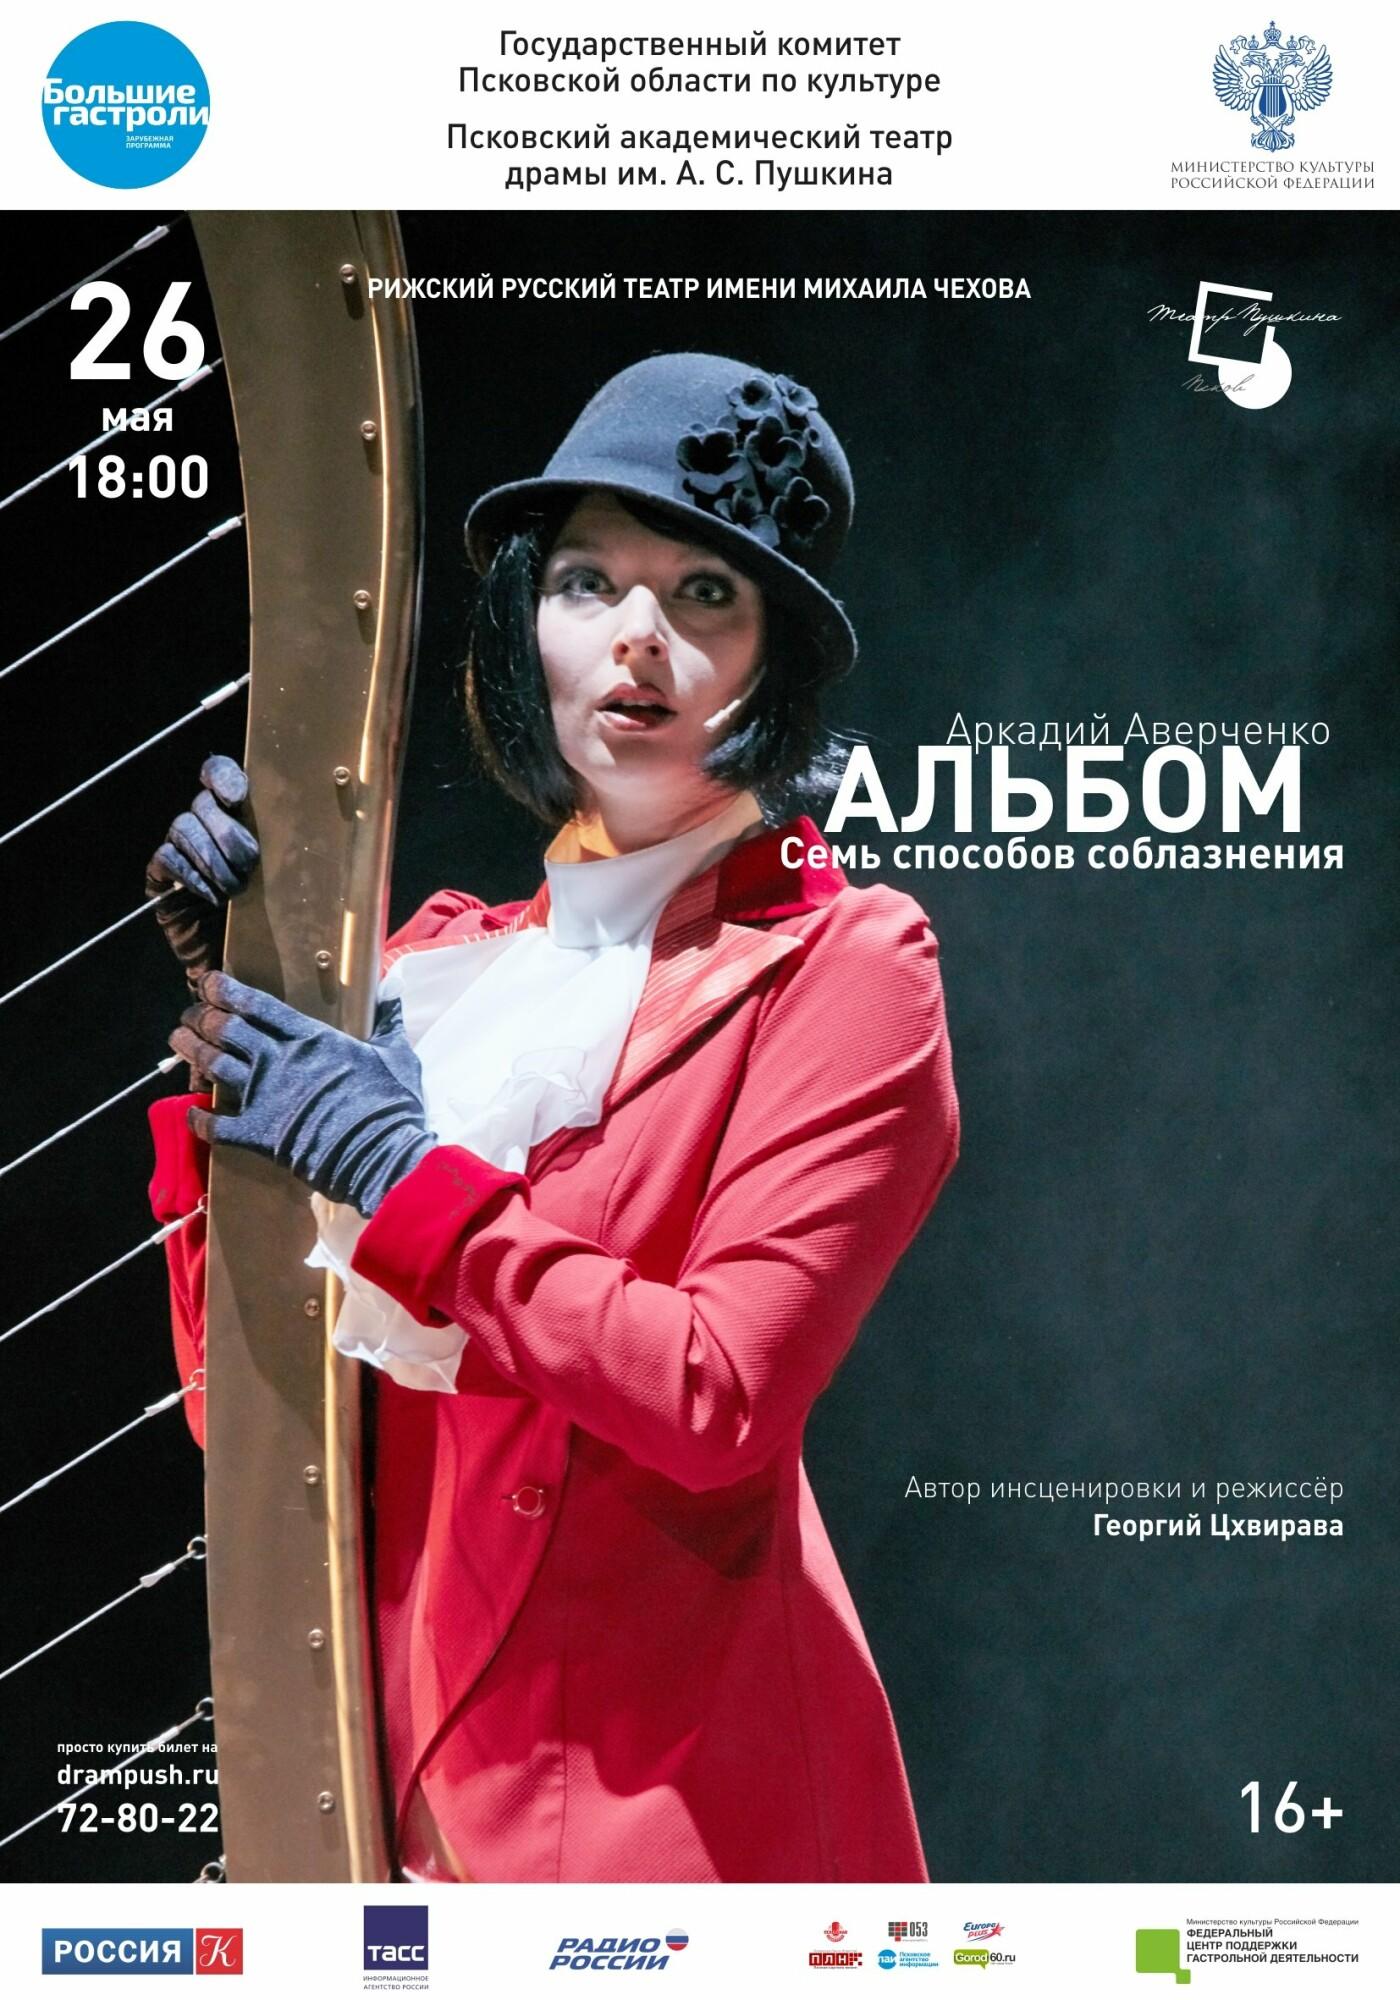 Впервые в Пскове будут представлены спектакли Рижского русского театра им.Михаила Чехова, фото-1